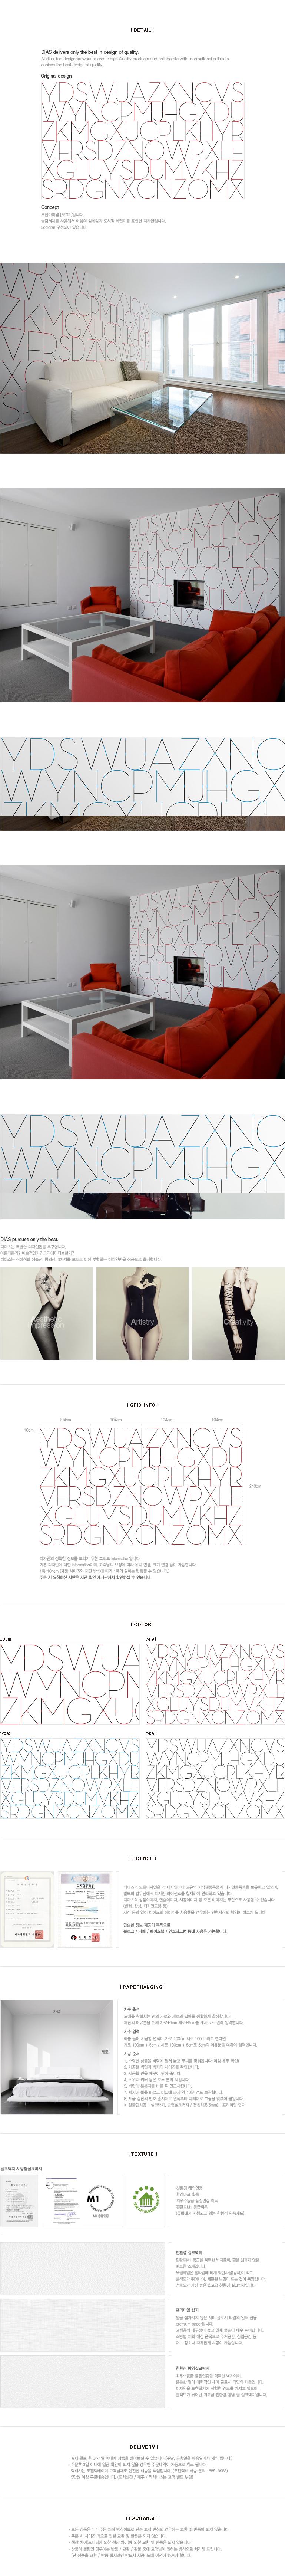 보그1-Vogue1 - 디아스, 240,000원, 벽시/시트지, 디자인벽지